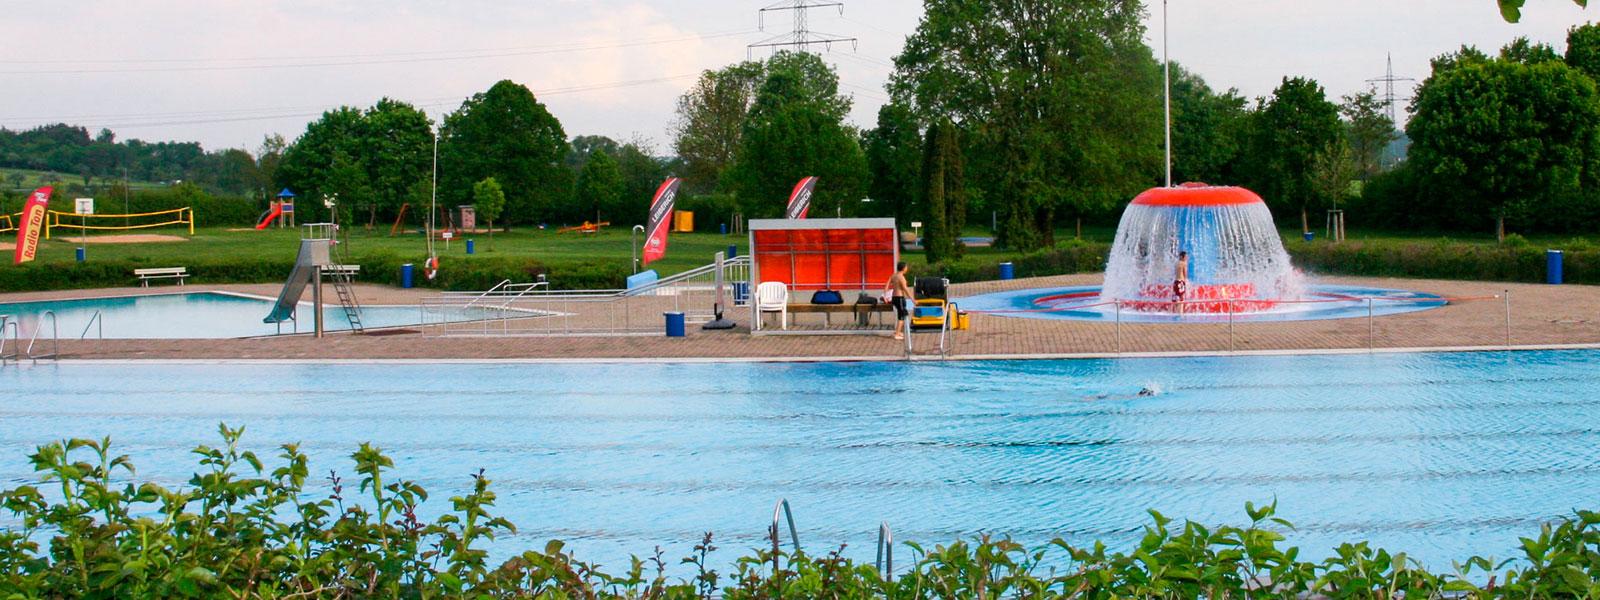 Freibad Crailsheim Außenbeckenbereich